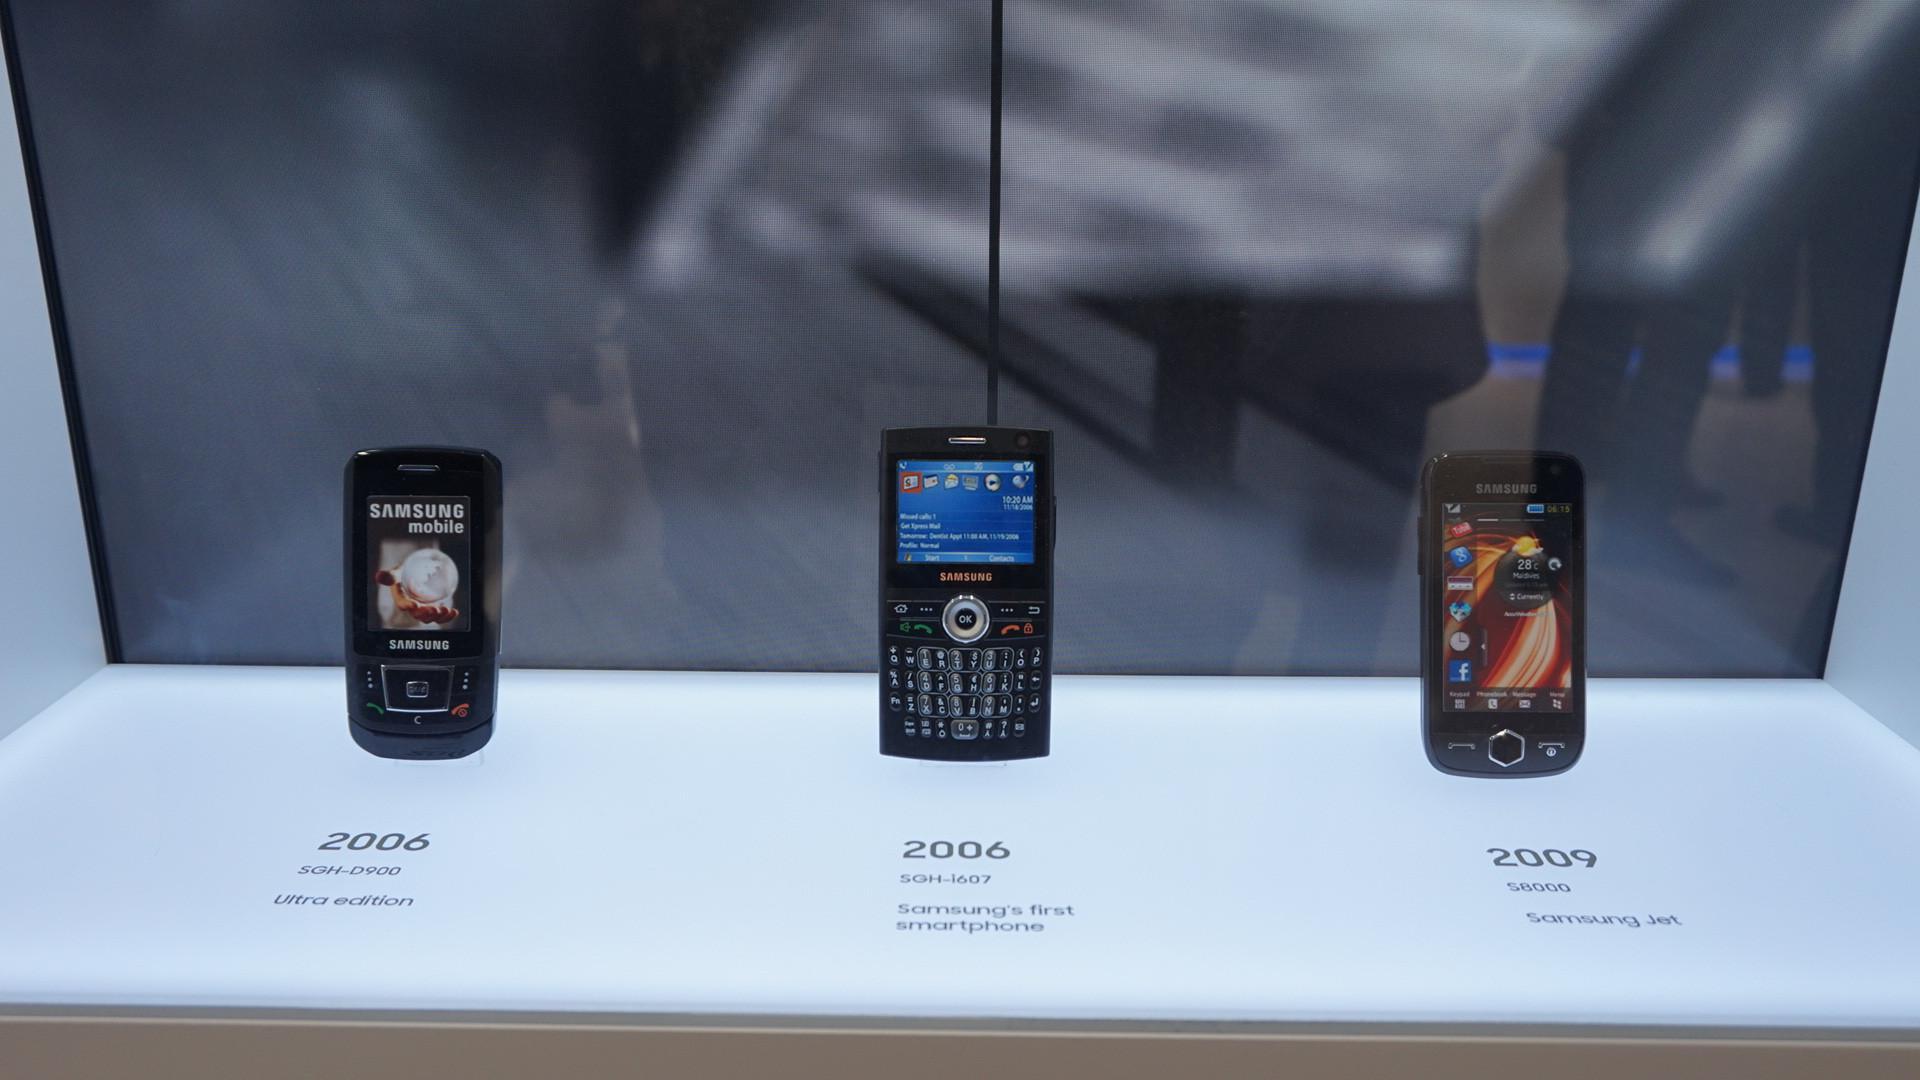 Samsung juga memamerkan smartphones lawasnya yang memiliki nilai sejarah untuk perusahaan (Liputan6.com/ Agustin Setyo W)